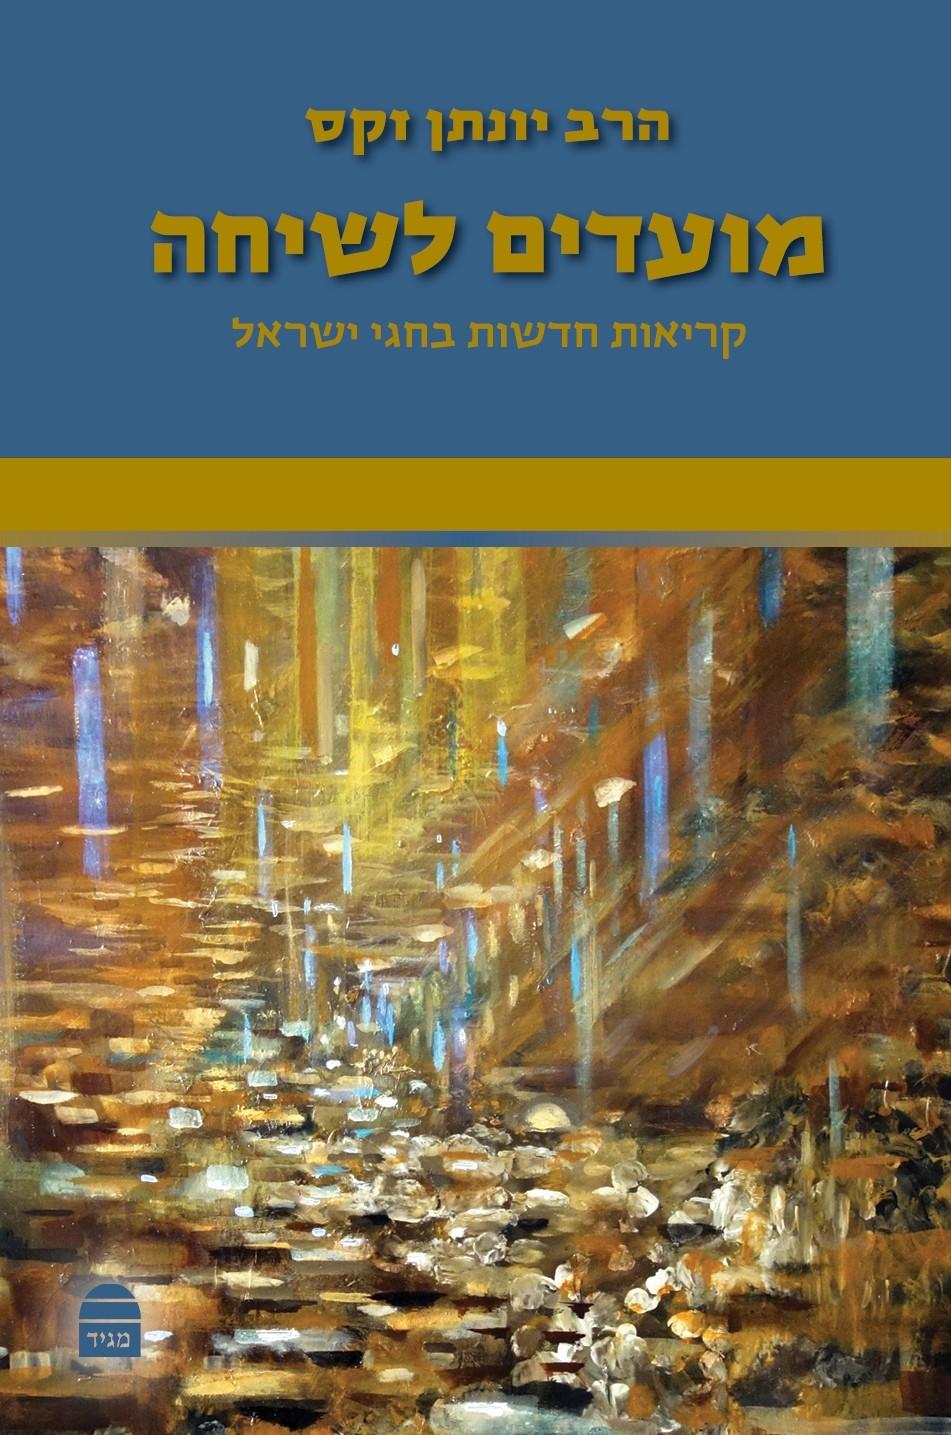 �ועדי� �שיחה - קרי�ות חדשות בחגי ישר�� / הרב יונת� זקס